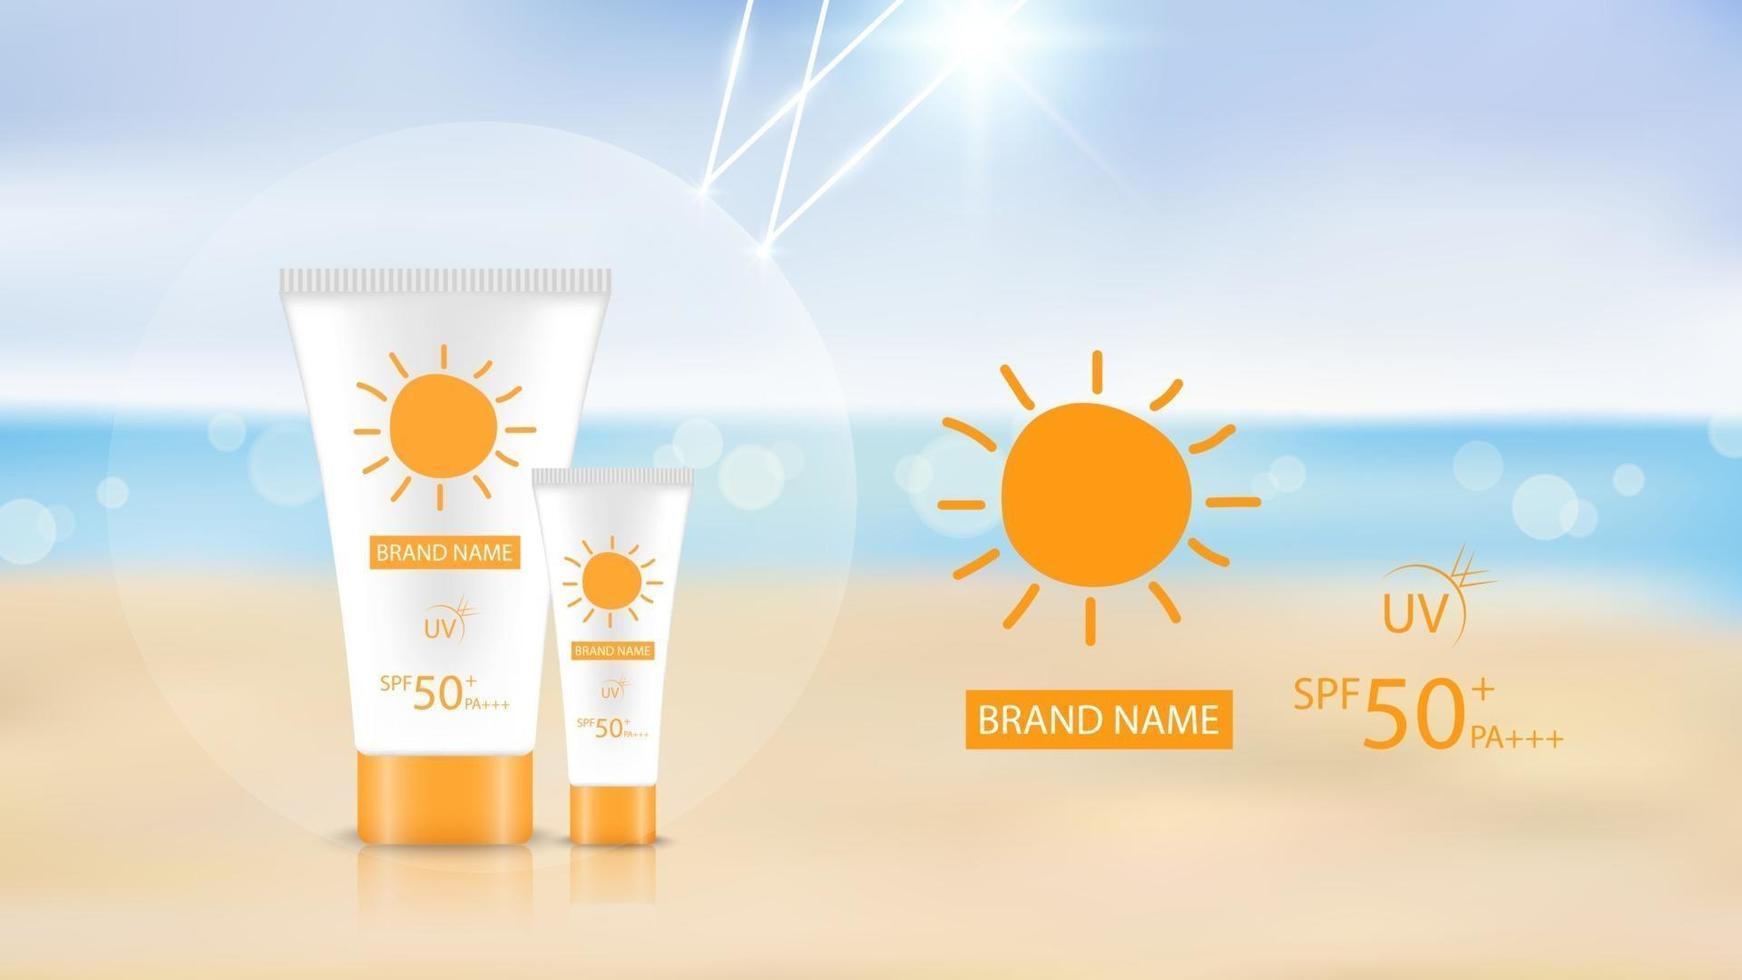 maqueta de diseño de producto de bloqueador solar en el fondo de la playa, diseño de publicidad cosmética, ilustración vectorial vector